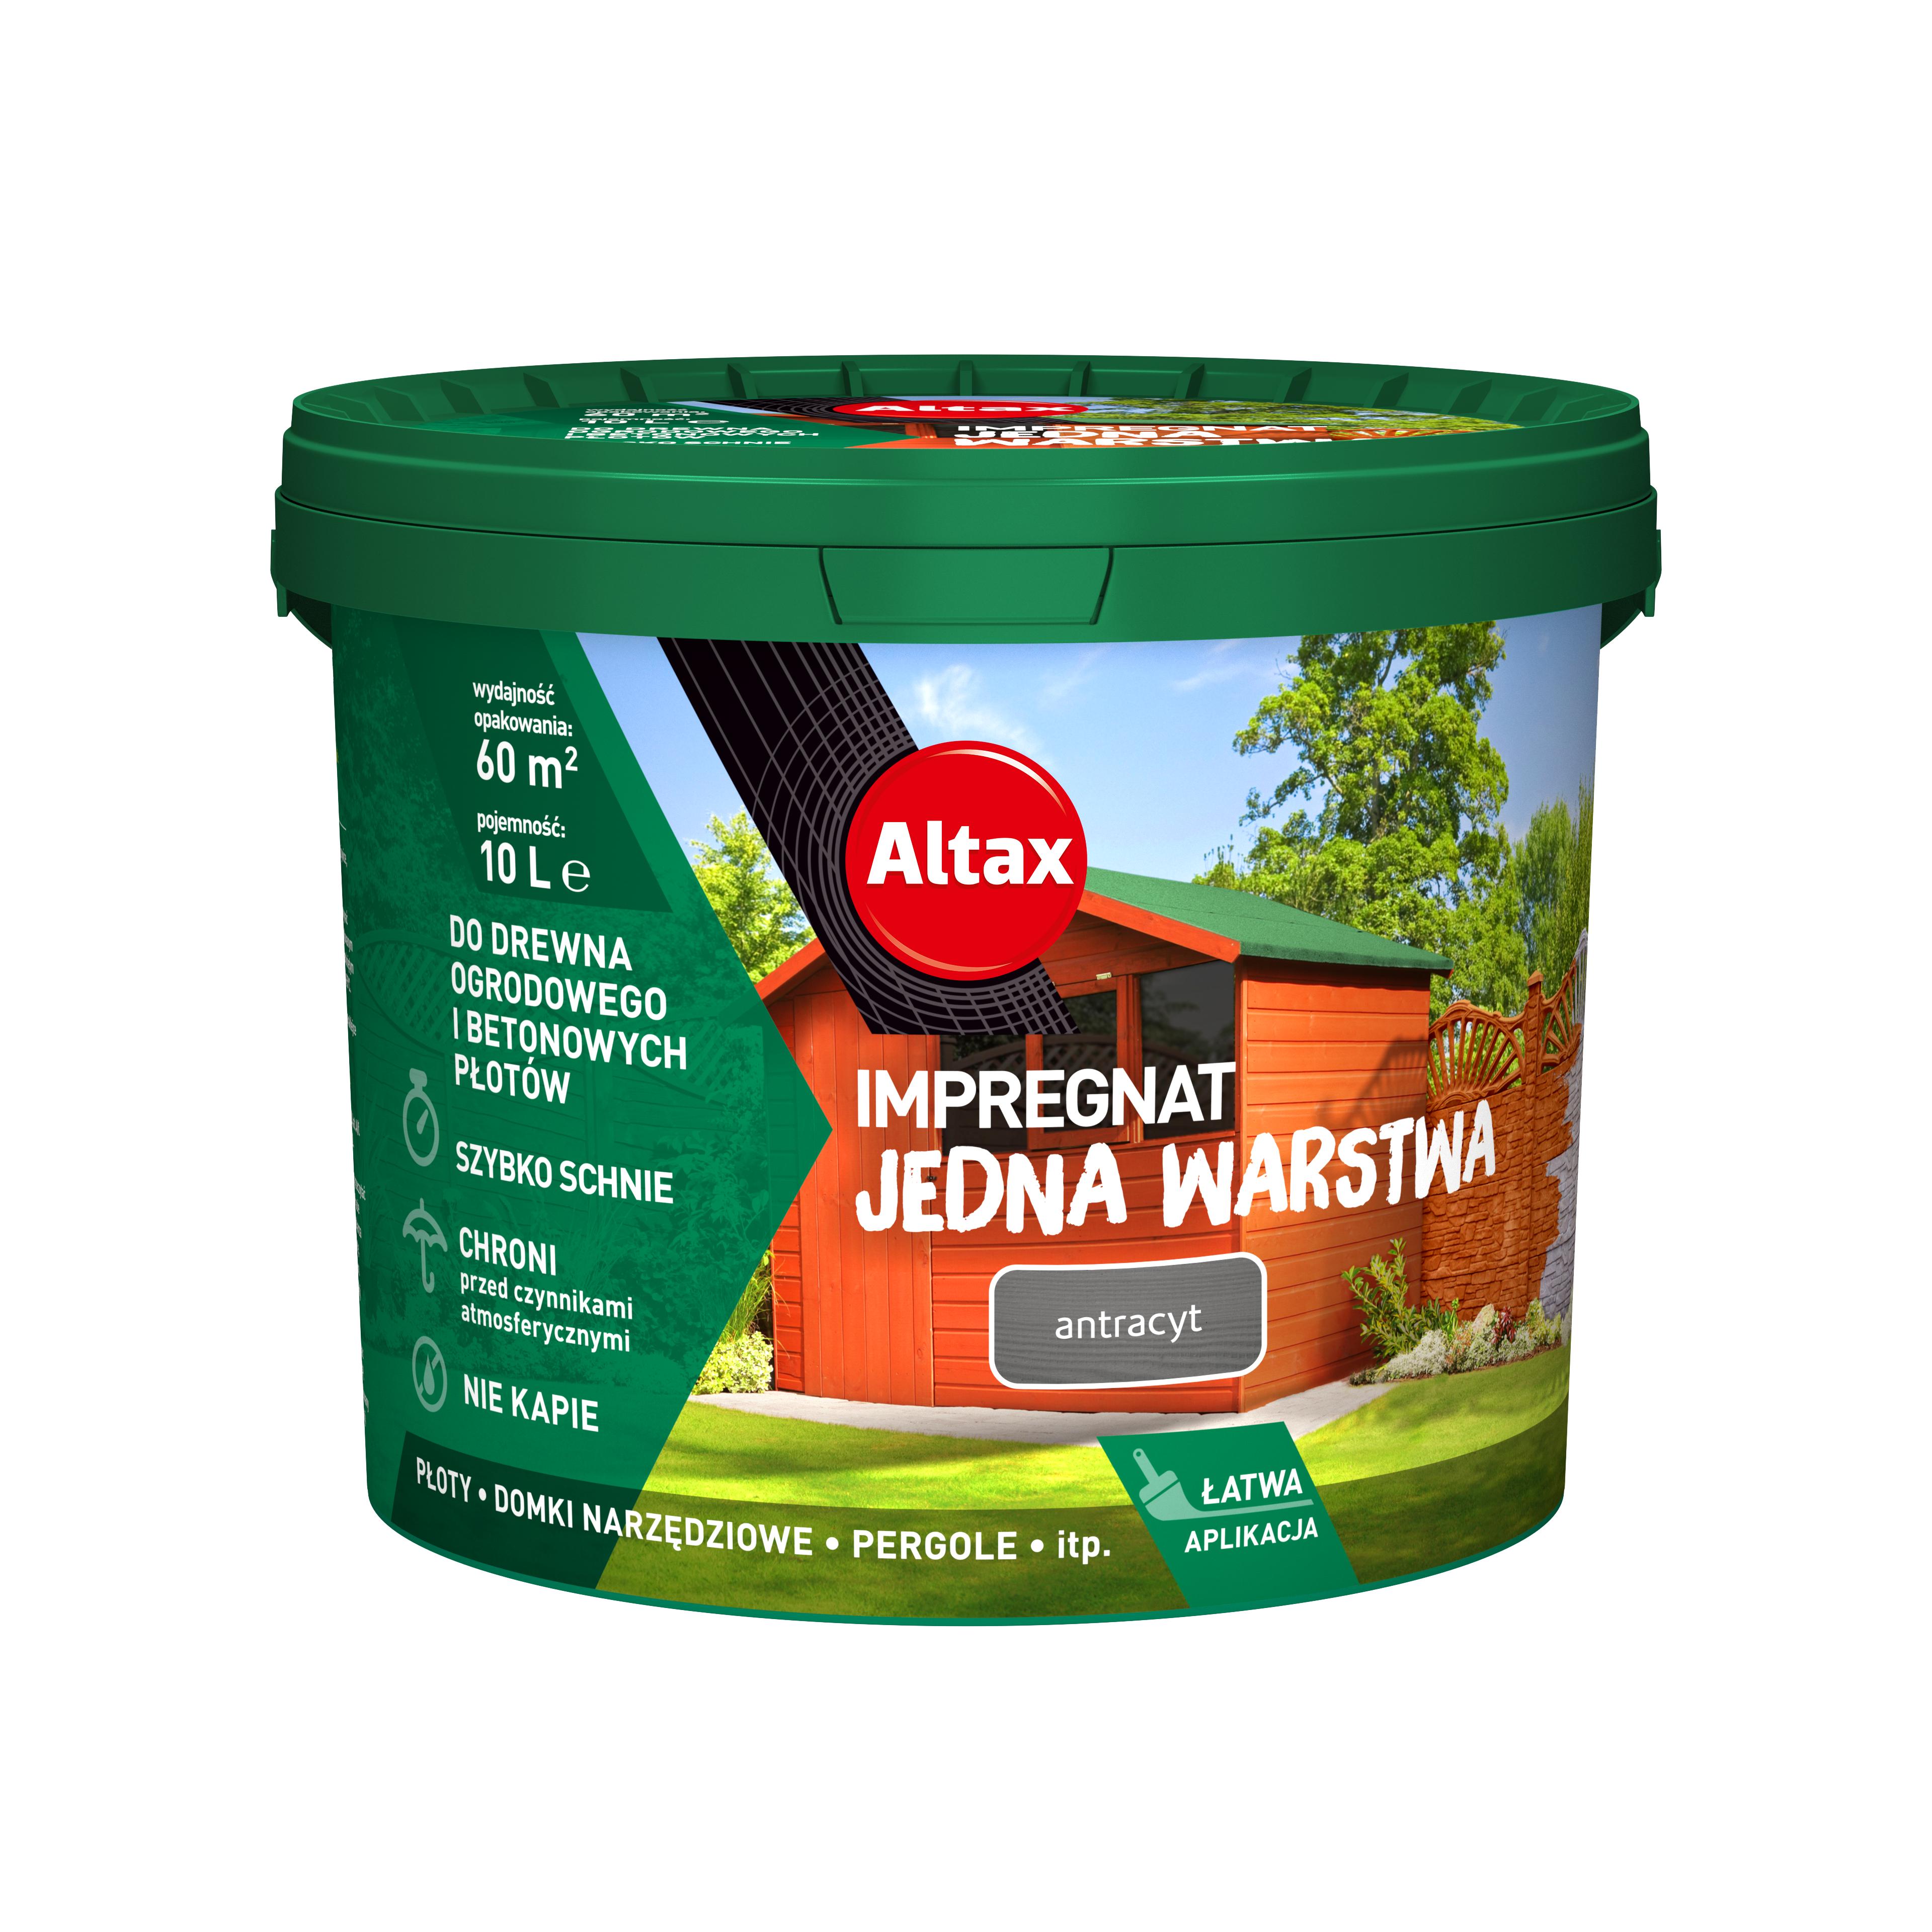 Altax Impregnat Do Drewna Ogrodowego Jedna Warstwa 10L Antracyt